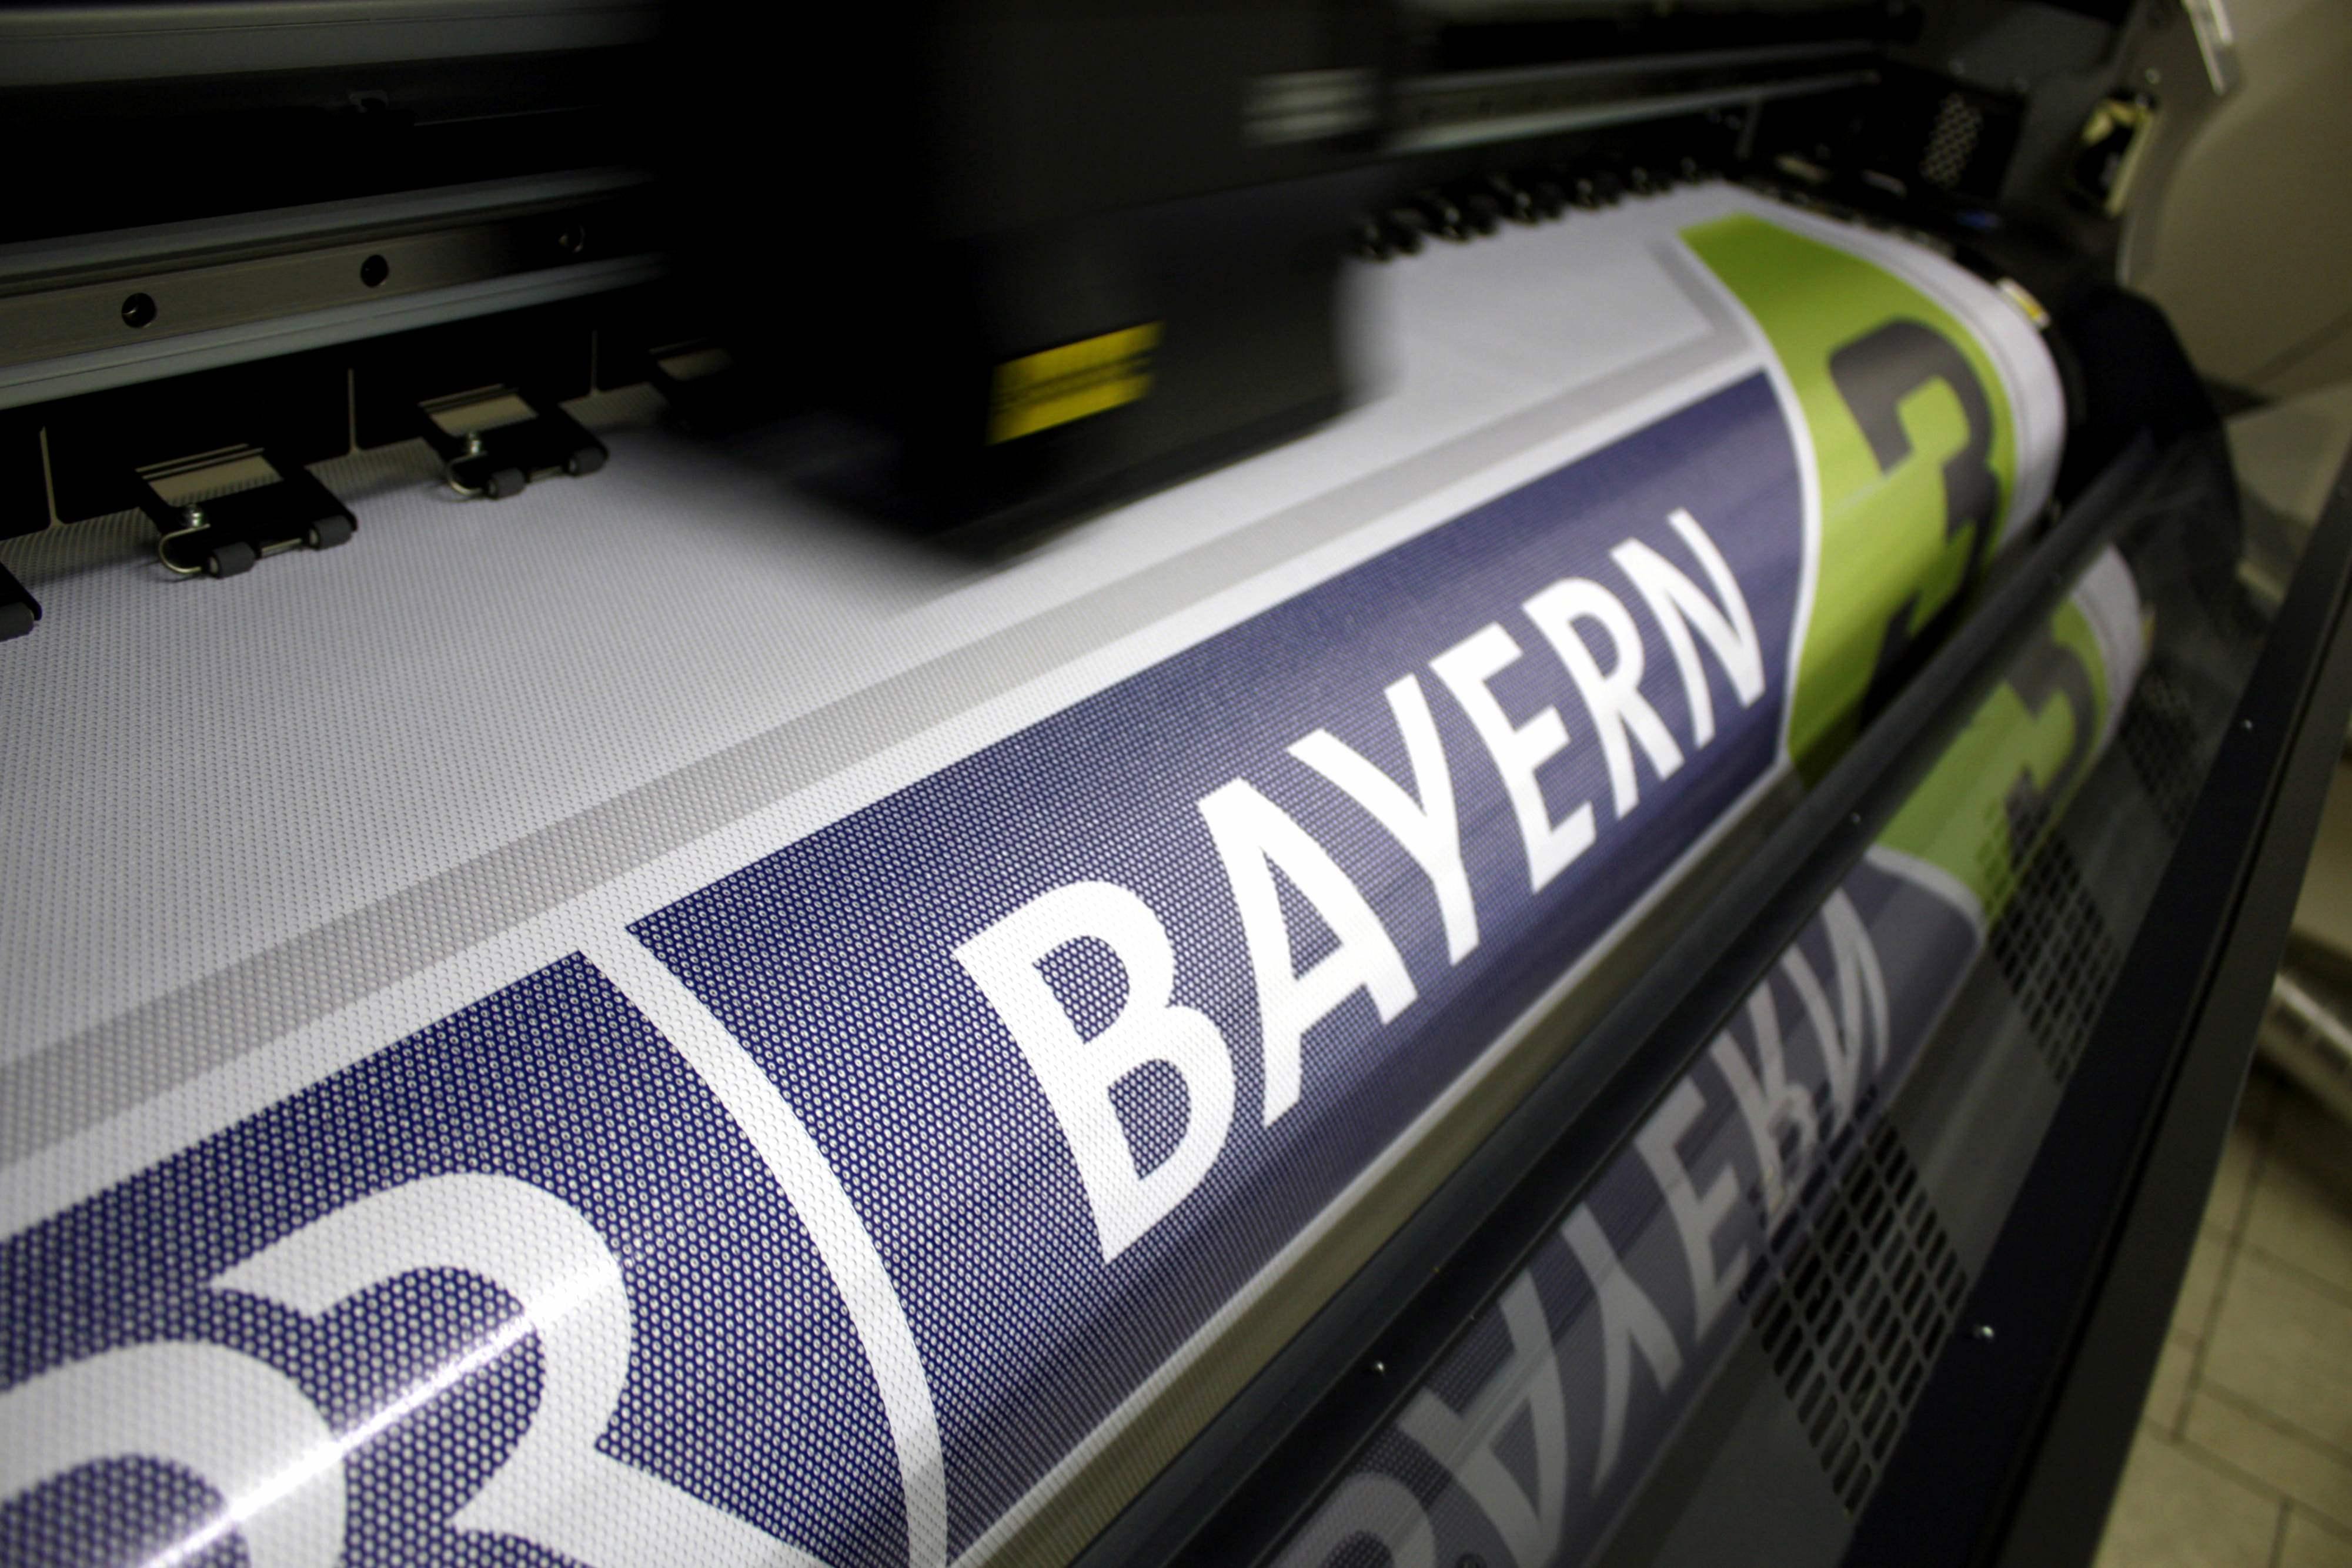 druck-banner-PVC-reklame-guenstig-digitaldruck-muenchen